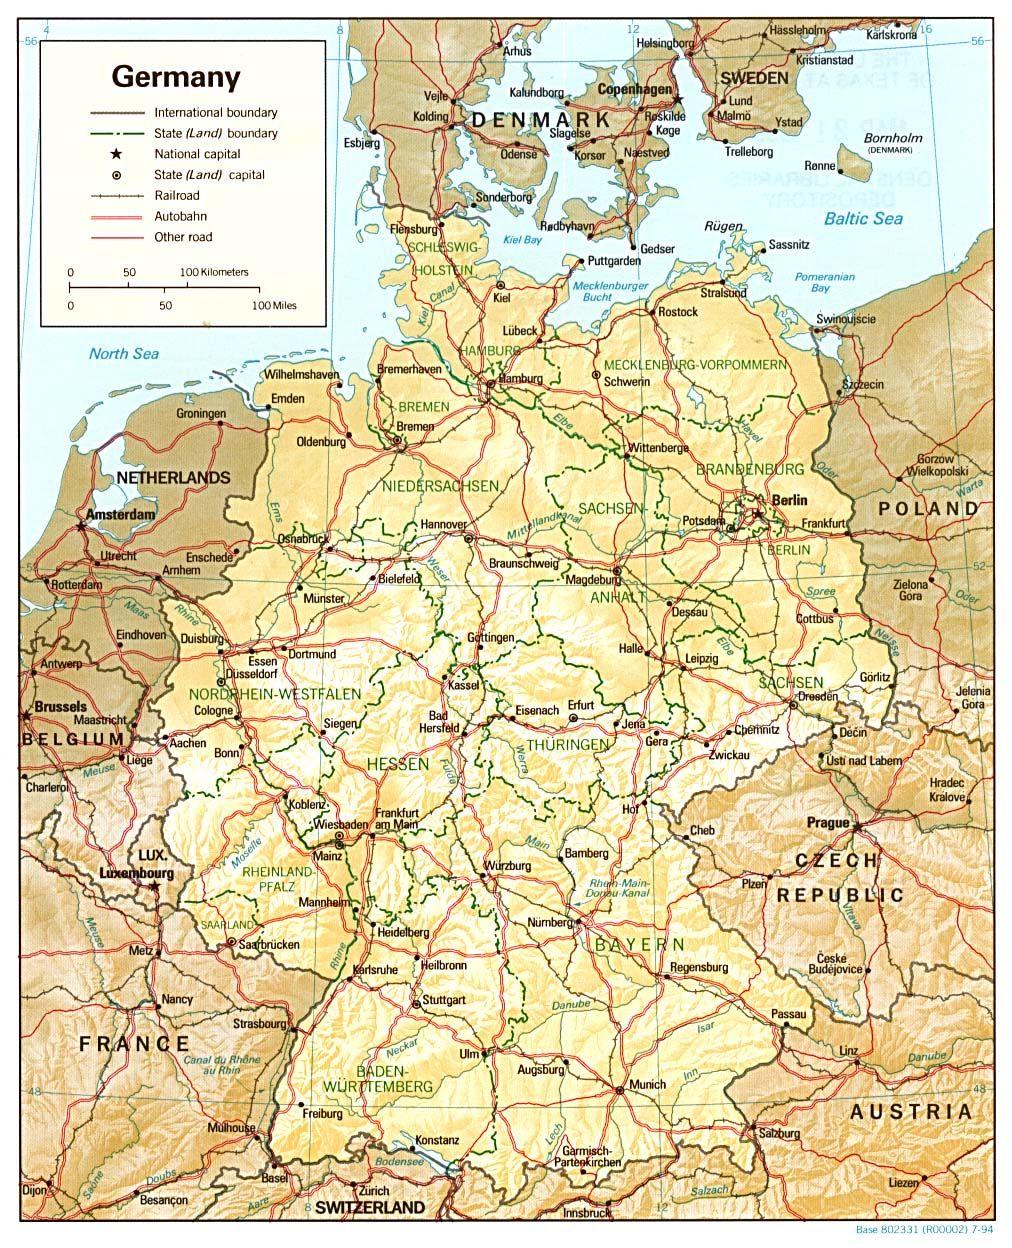 Nuremberg Map Of Germany.Nuremberg Germany Danube River Cruise Germany Germany